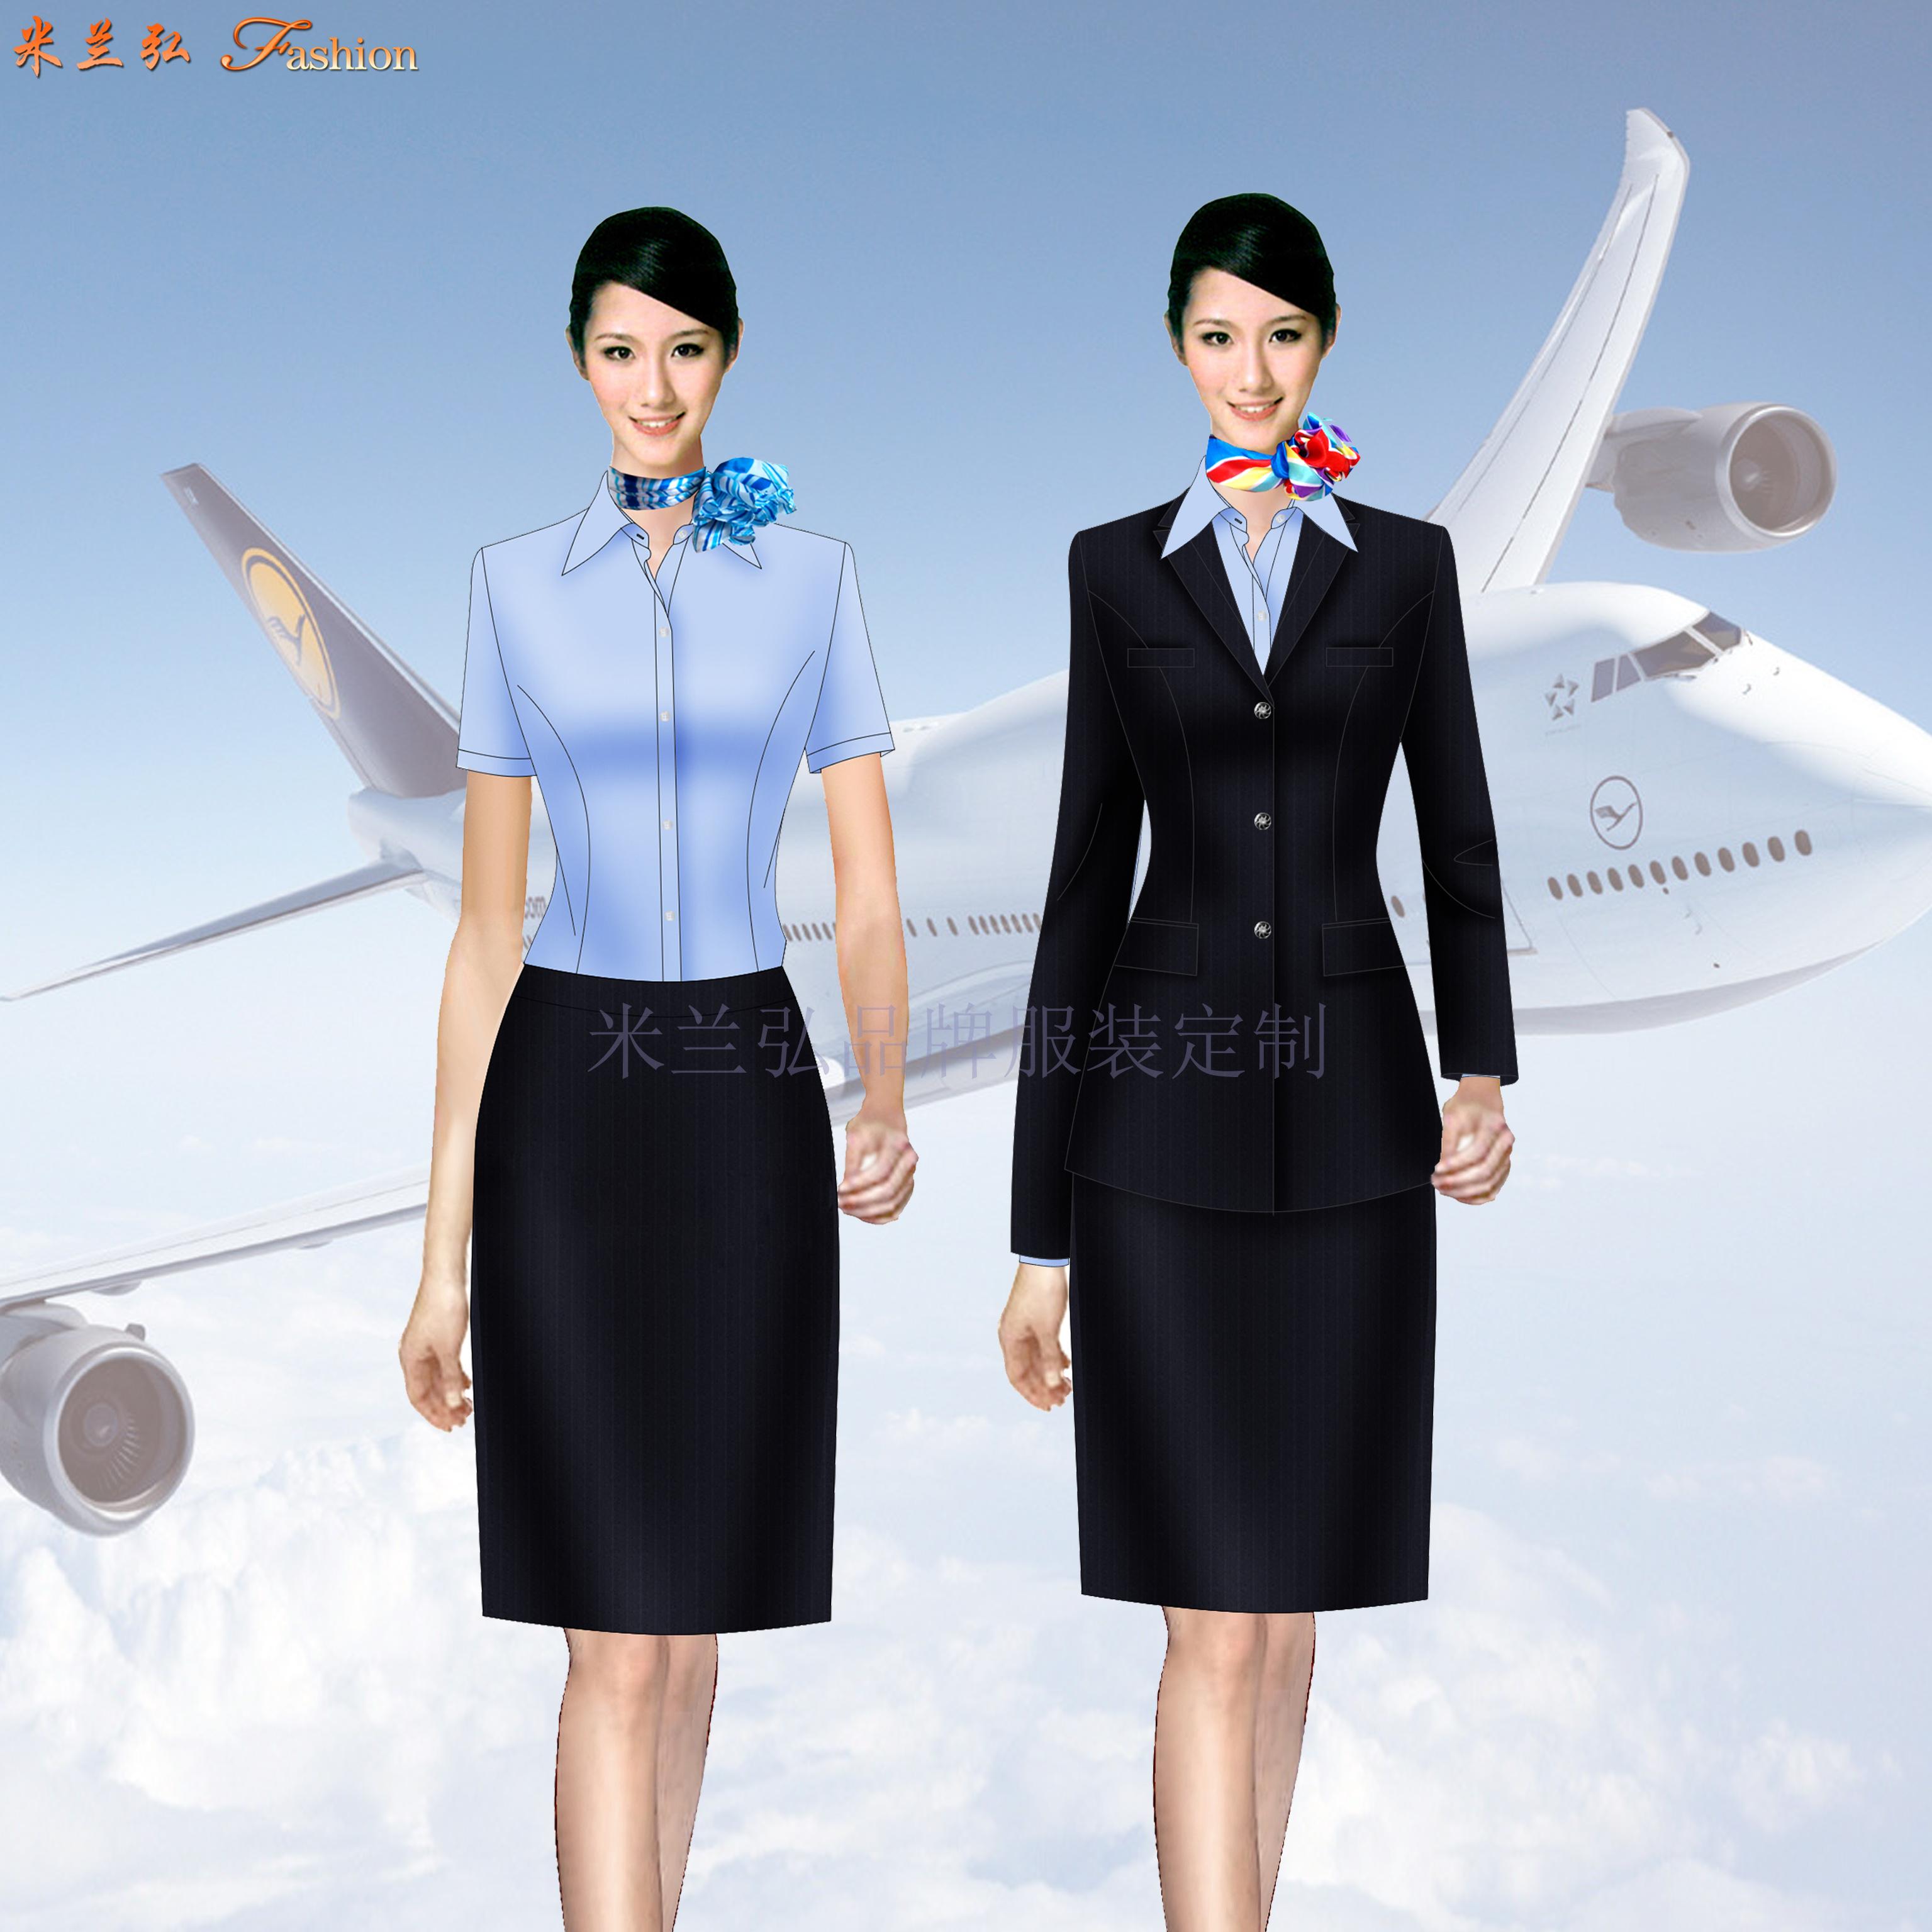 「機場地勤服裝定制」「值機工作服定做」「機場客服職業裝訂制」-4